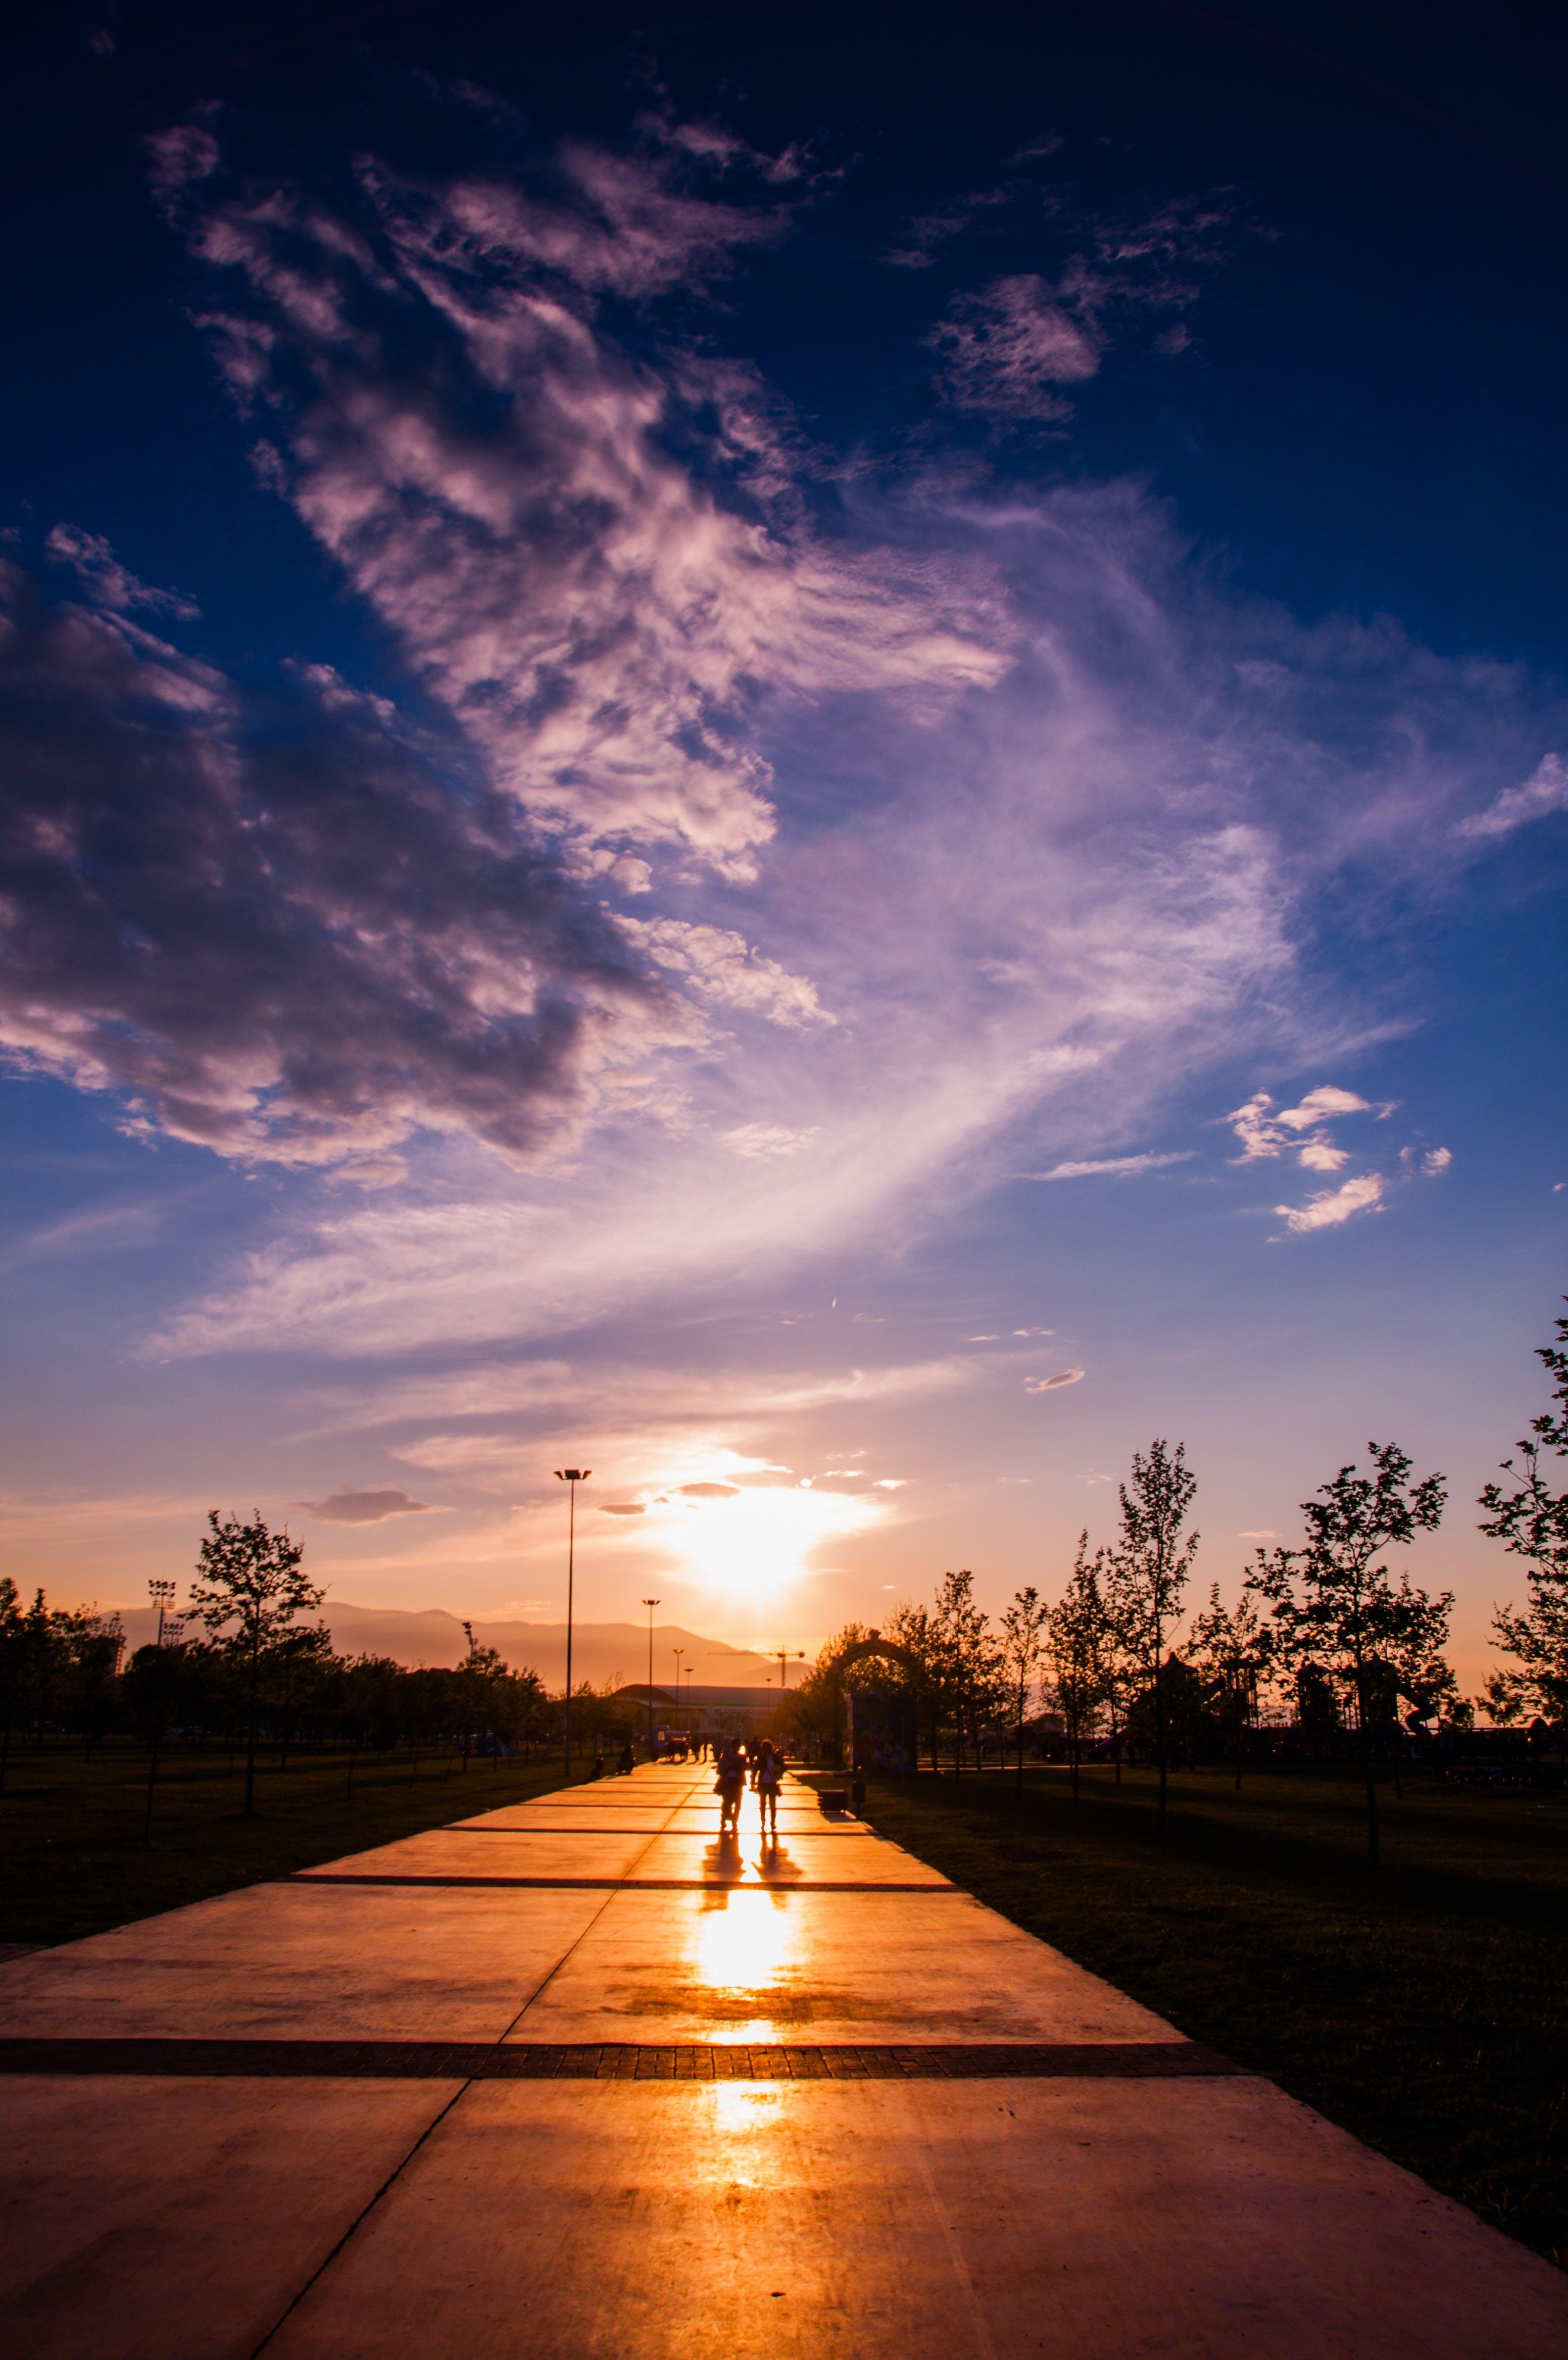 clouds, cloudscape, dawn